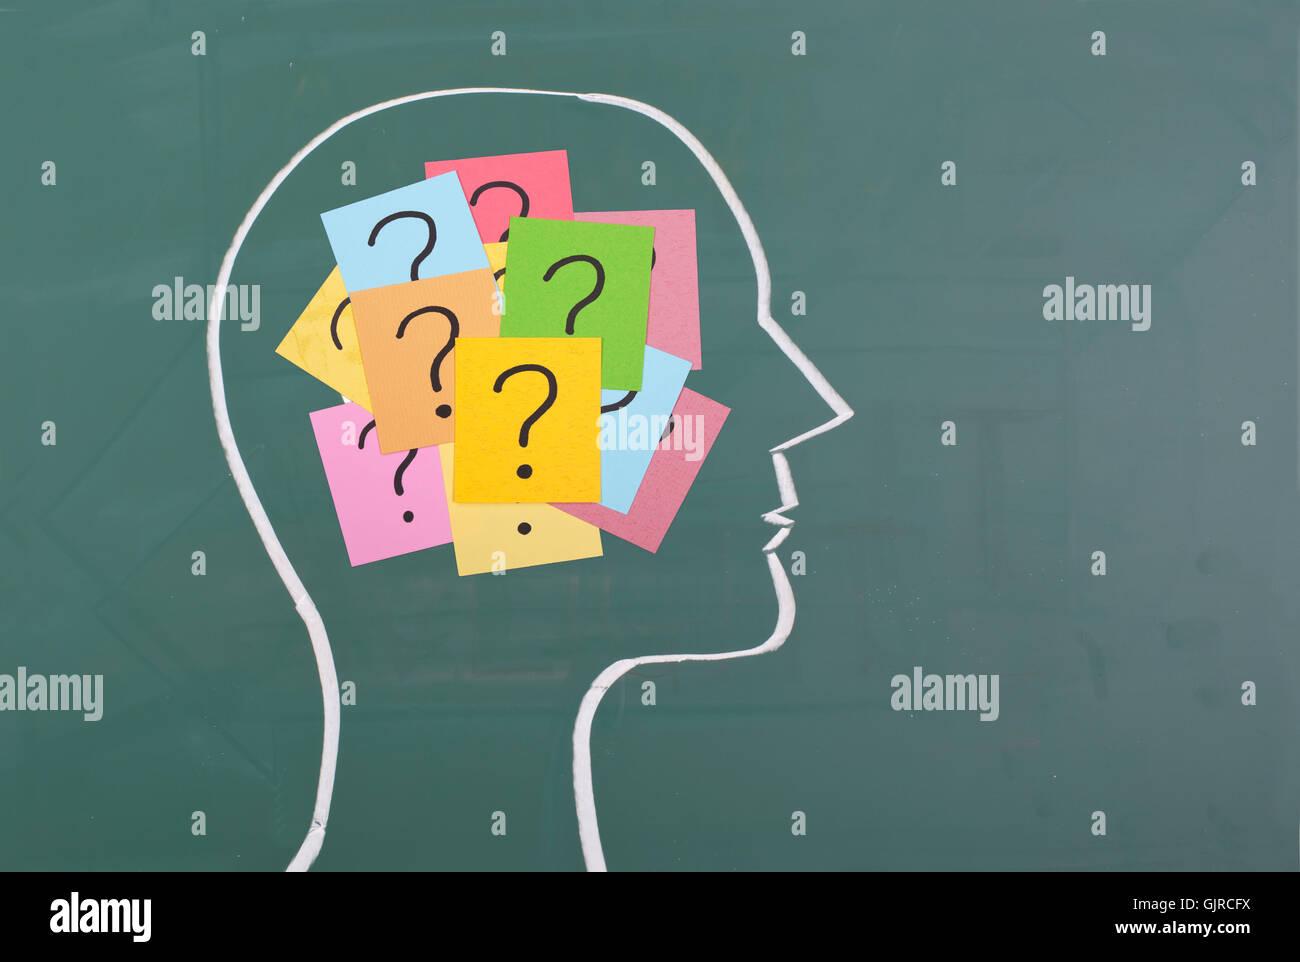 Cerebro Humano y coloridos interrogación Imagen De Stock